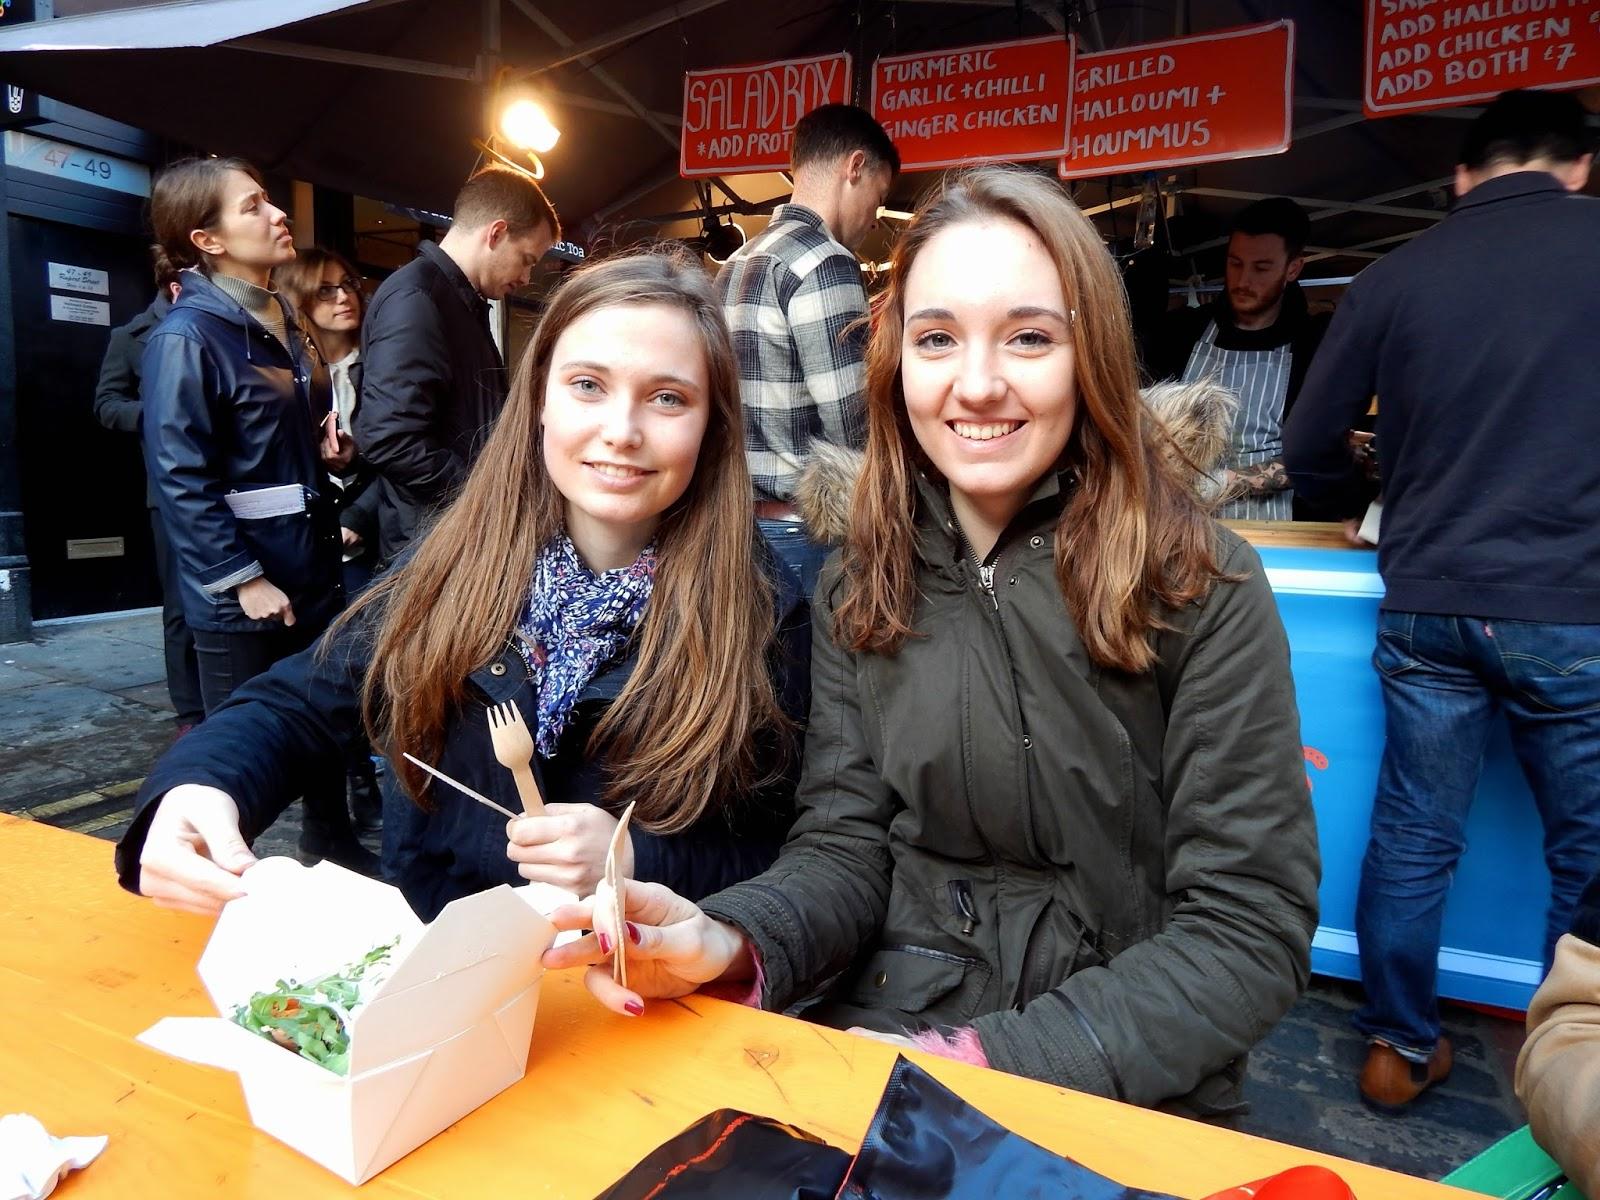 Oběd - salátový box z pouličního trhu